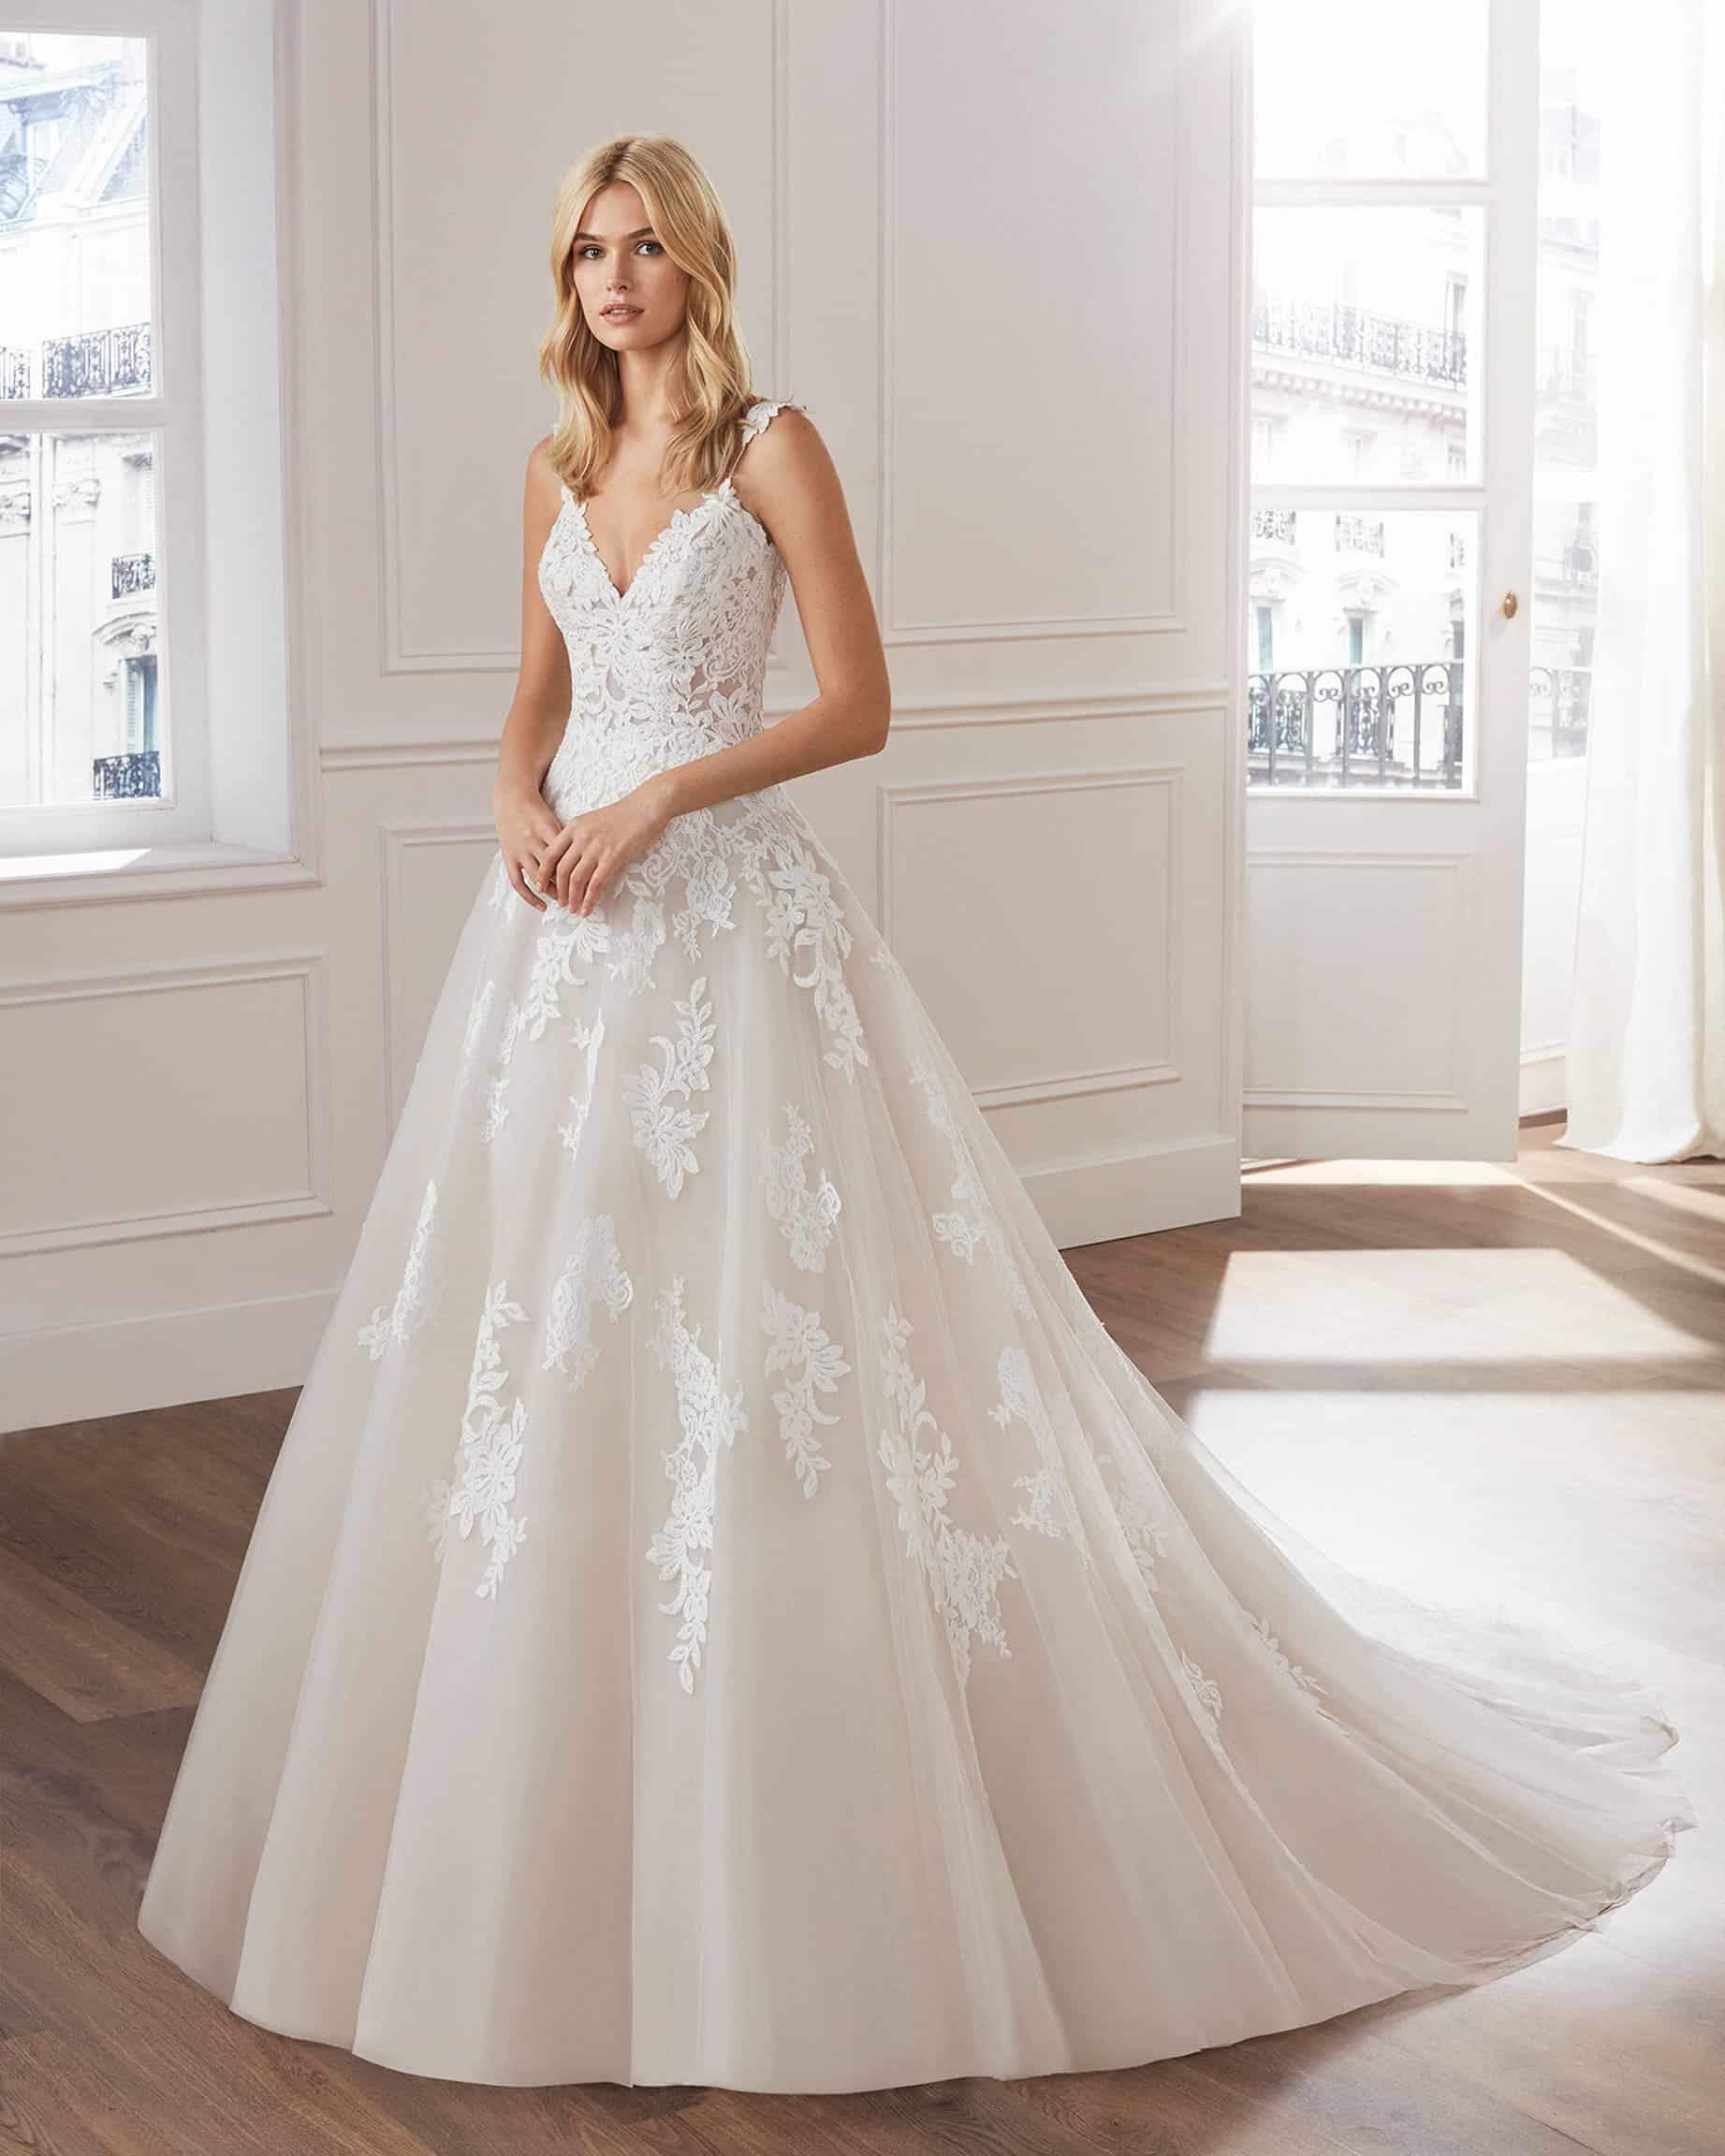 Luna Novias Verti   Prinzessinnen Brautkleid   Hochzeitskleid A-Linie   Brautmode Köln Anna Moda   A